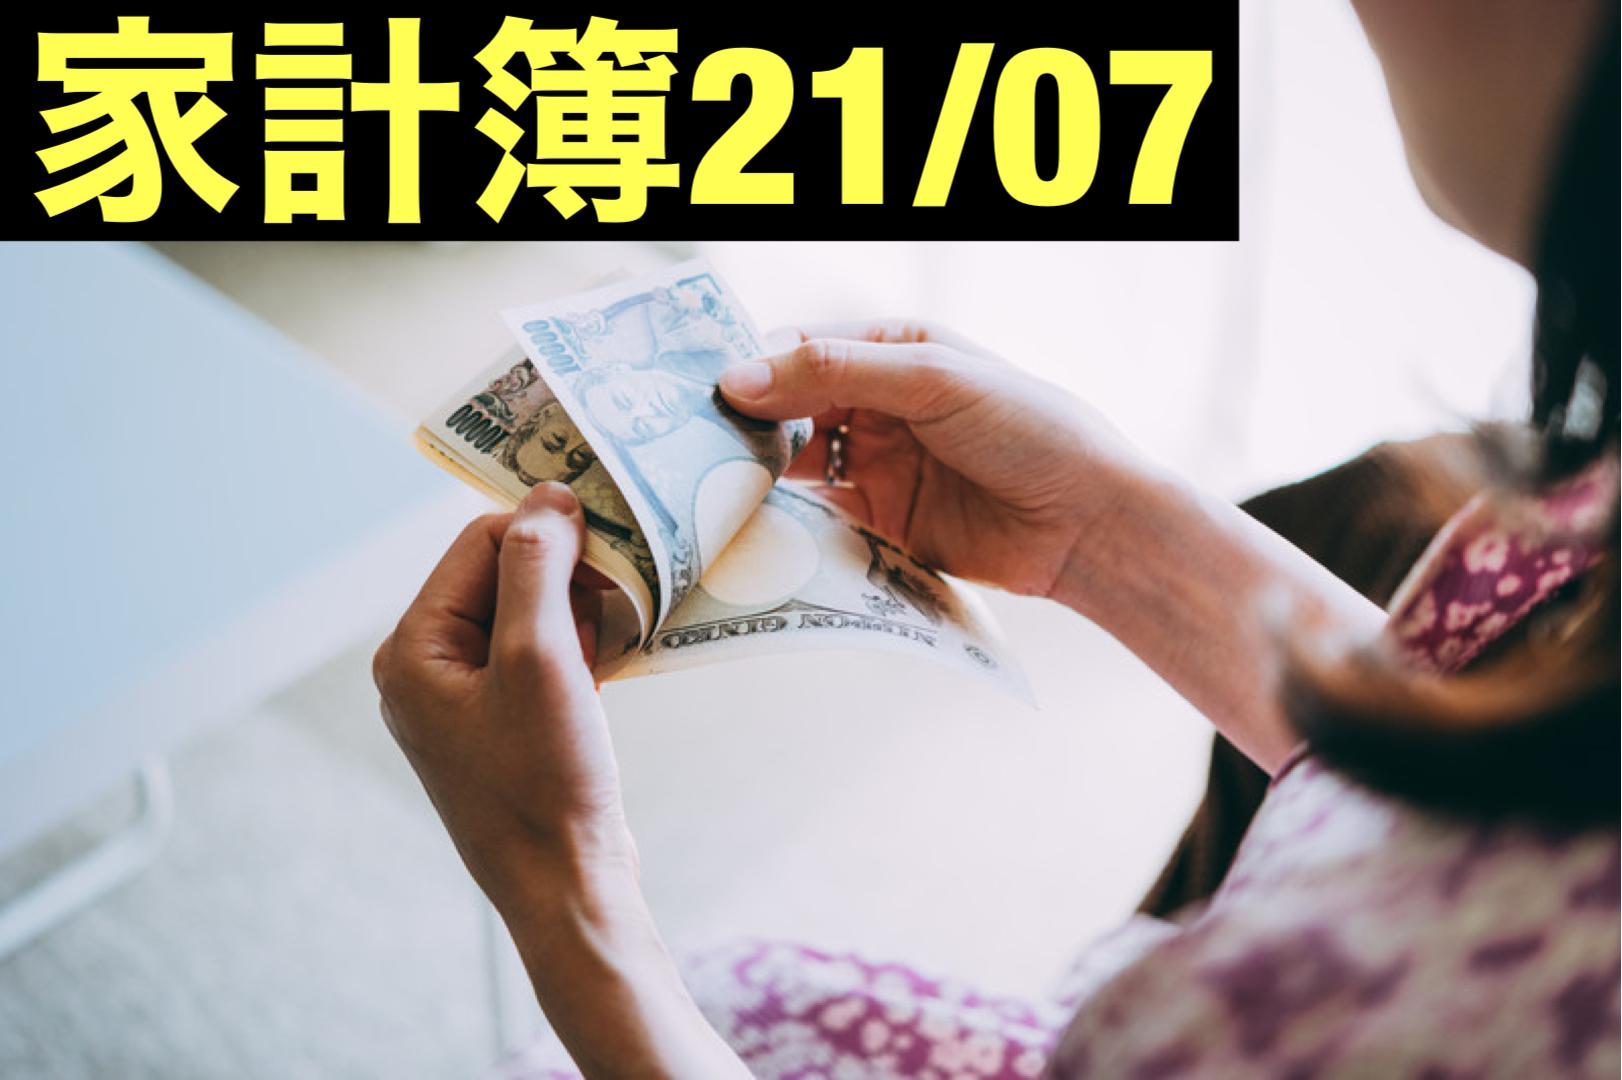 【30代】家計簿公開・21年07月【1人暮らし】